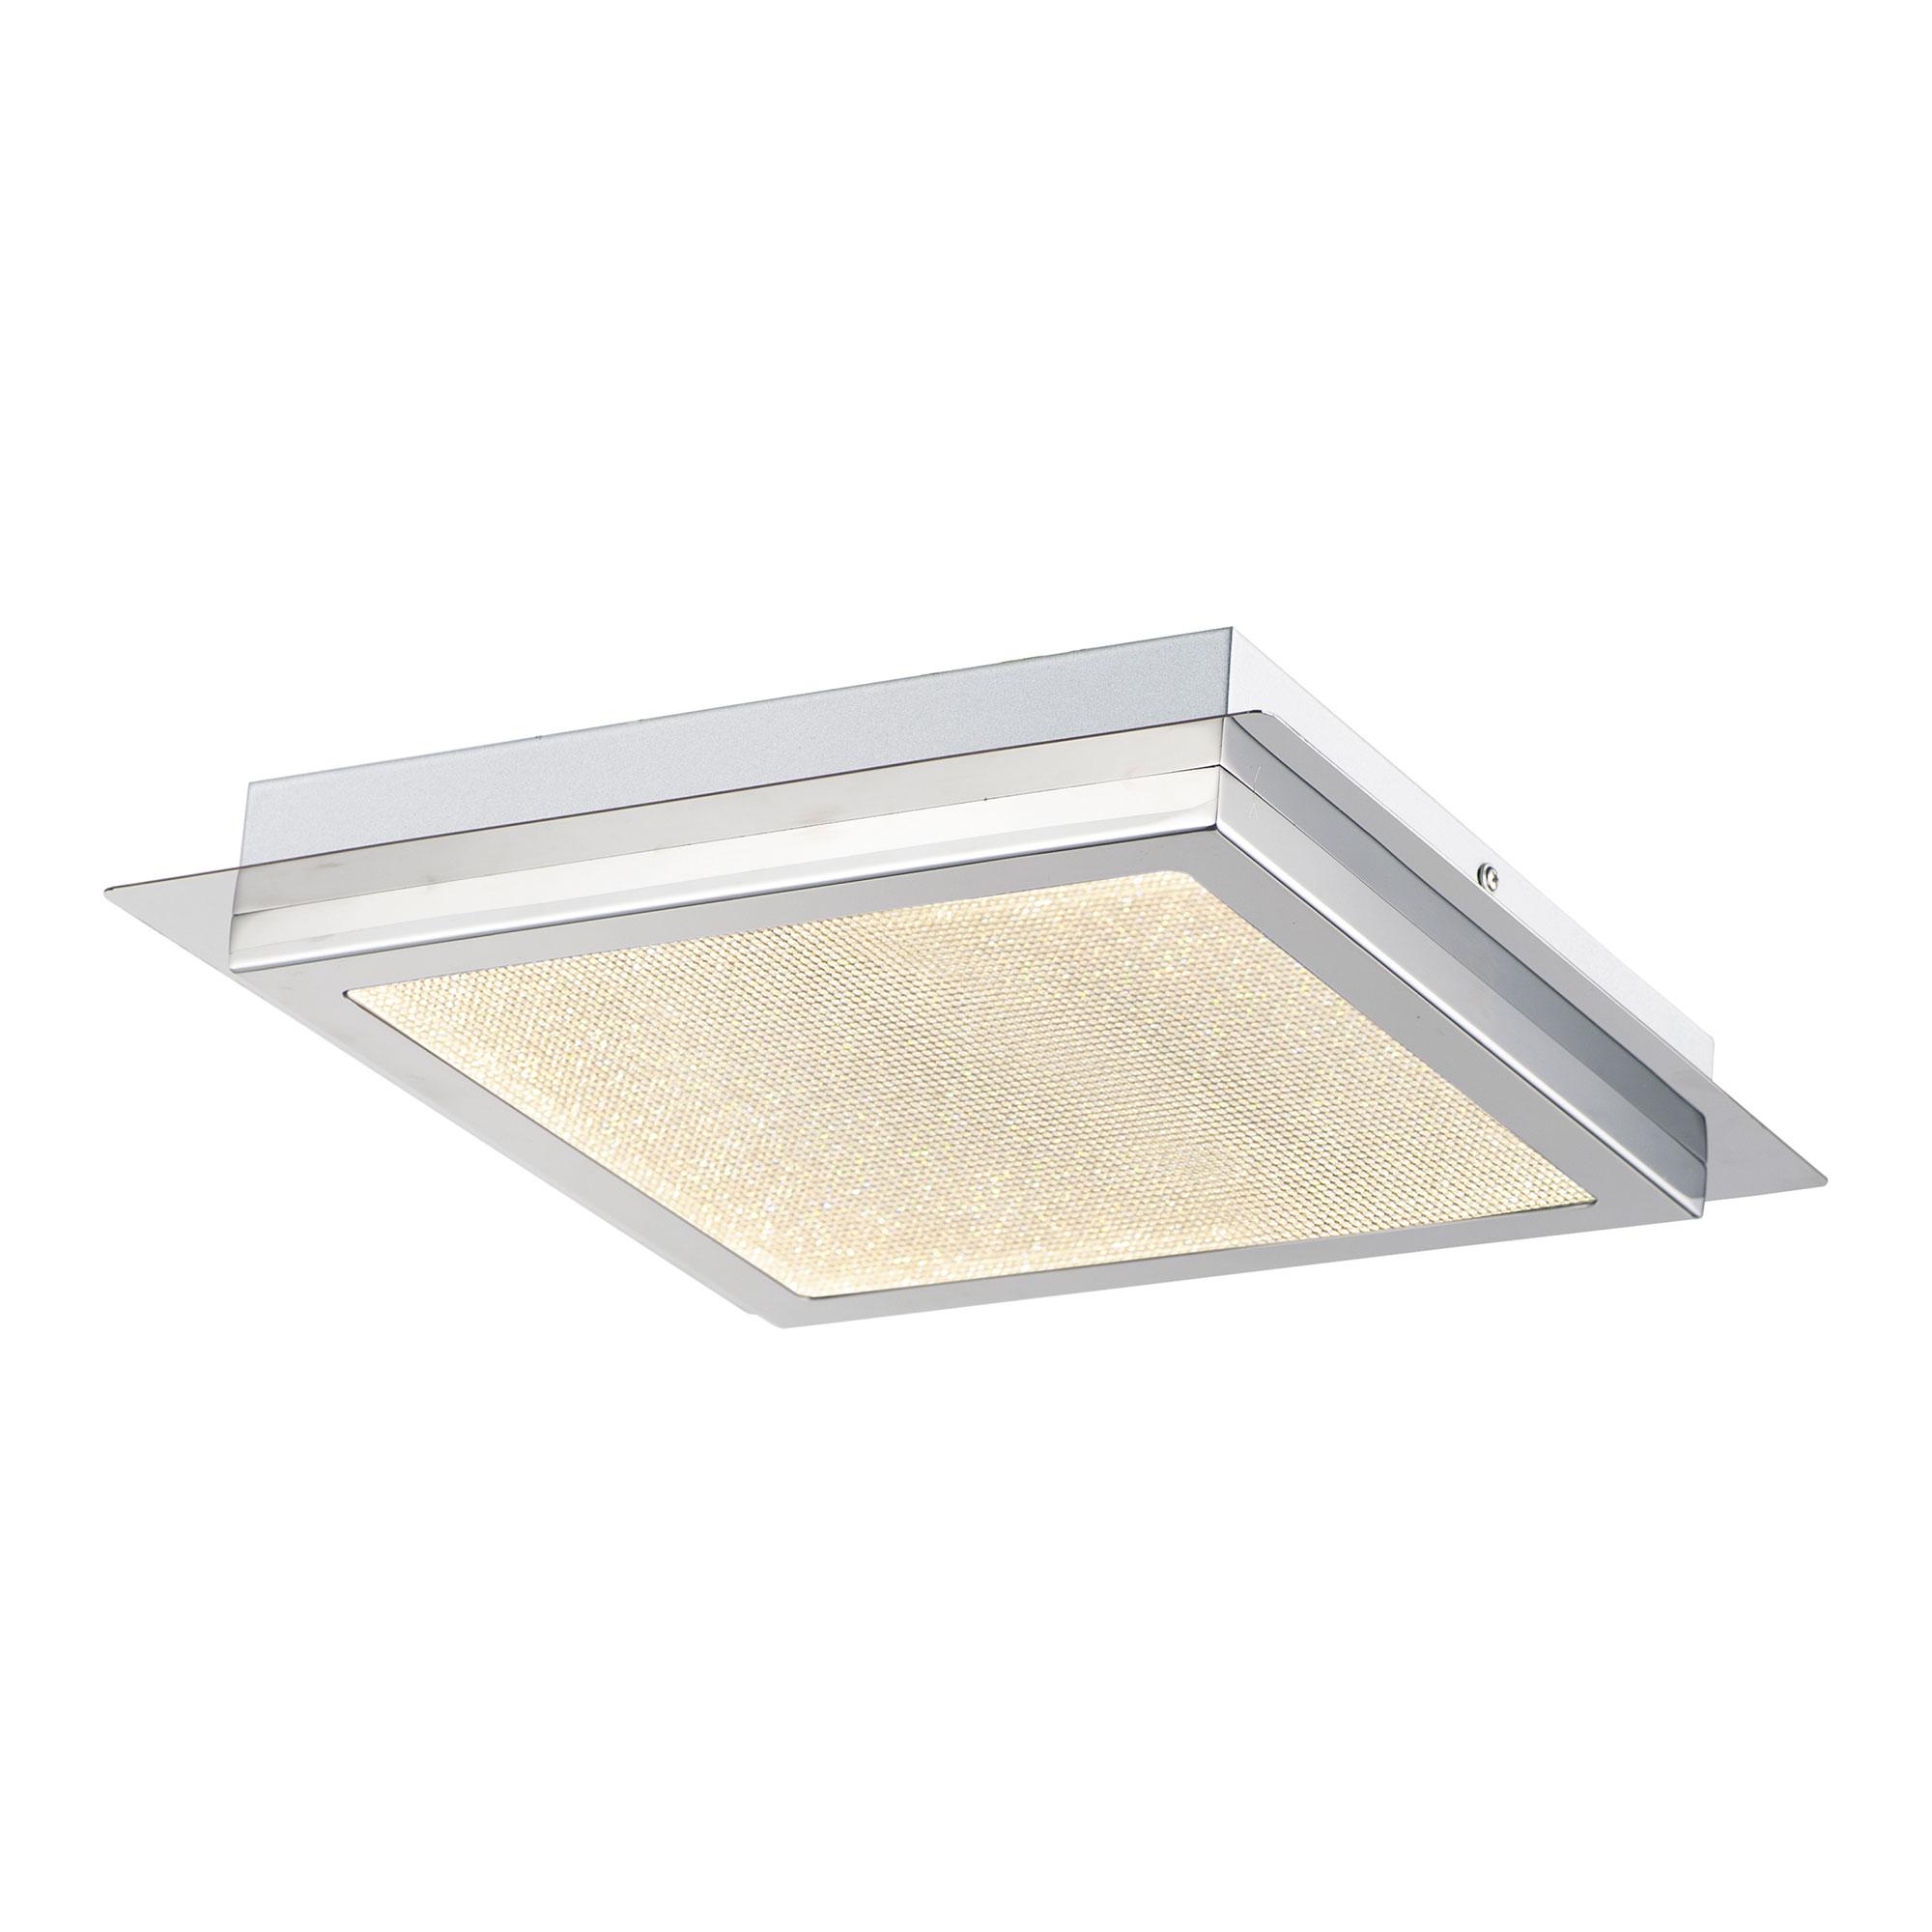 Sparkler Flush Mount Ceiling Light By Et2 E24601 122pc